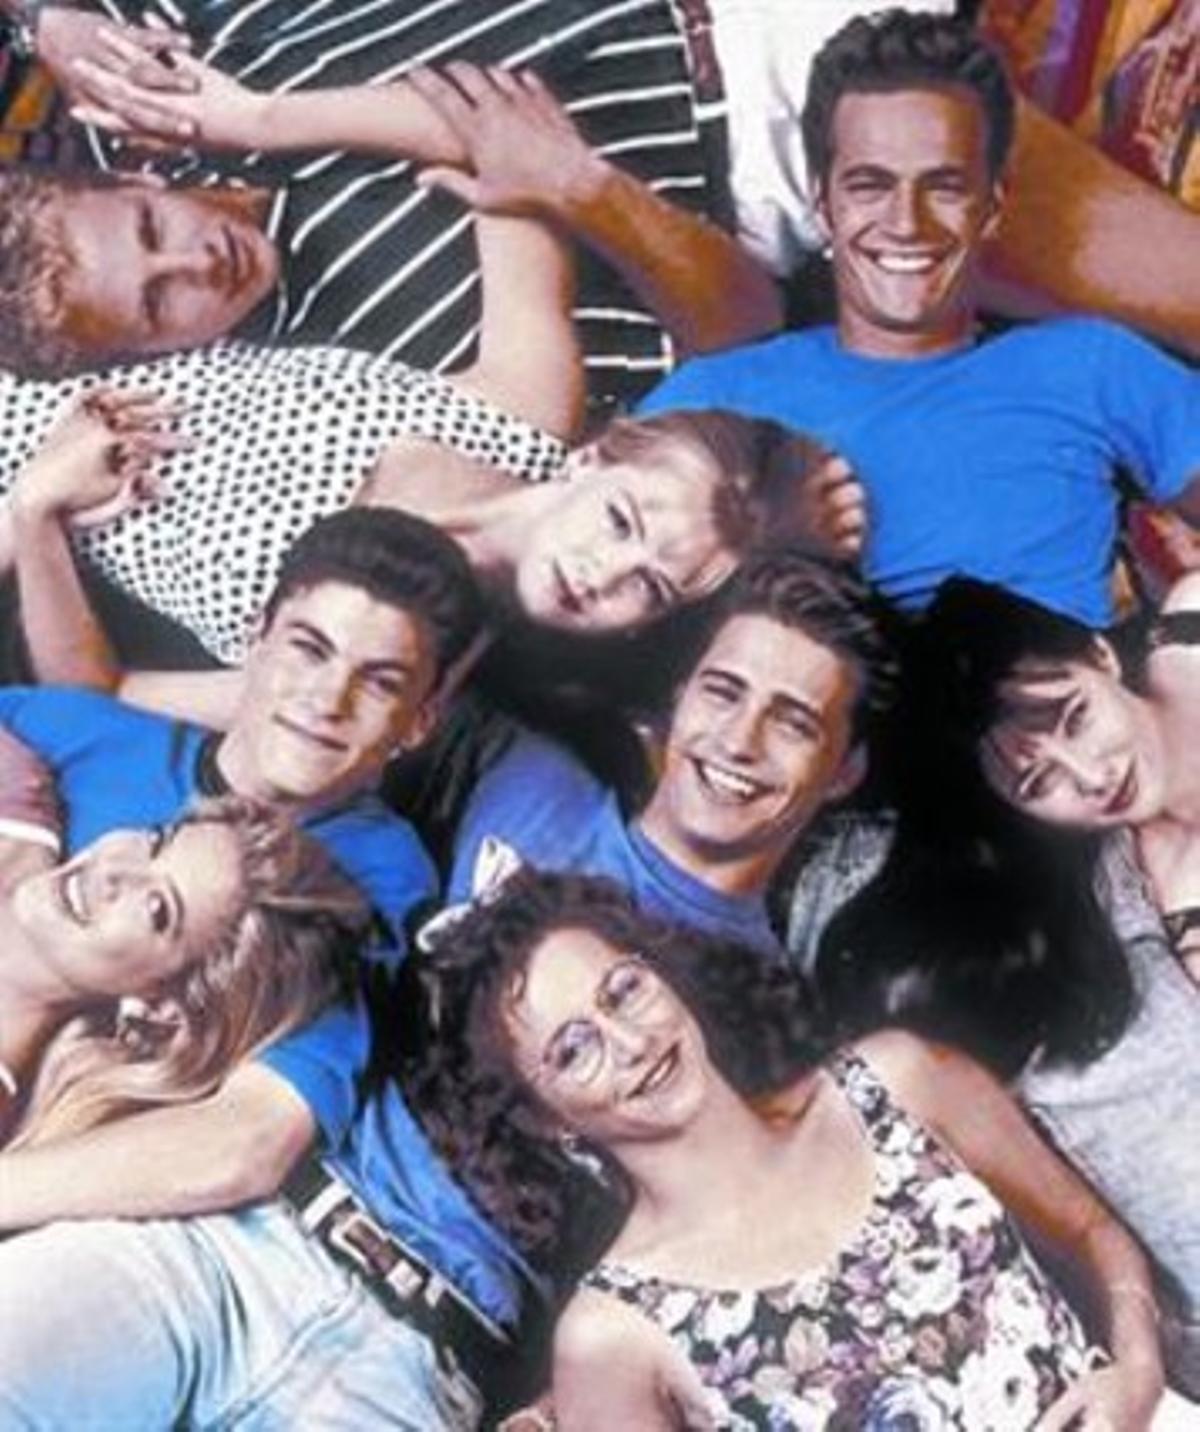 Una imagen promocional de los actores de 'Sensación de vivir': arriba, Ian Ziering, Jennie Garth y Luke Perry; en el centro, Tori Spelling, Brian Austin Green, Jason Priestley, Shannen Doherty; debajo, Gabrielle Carteris.